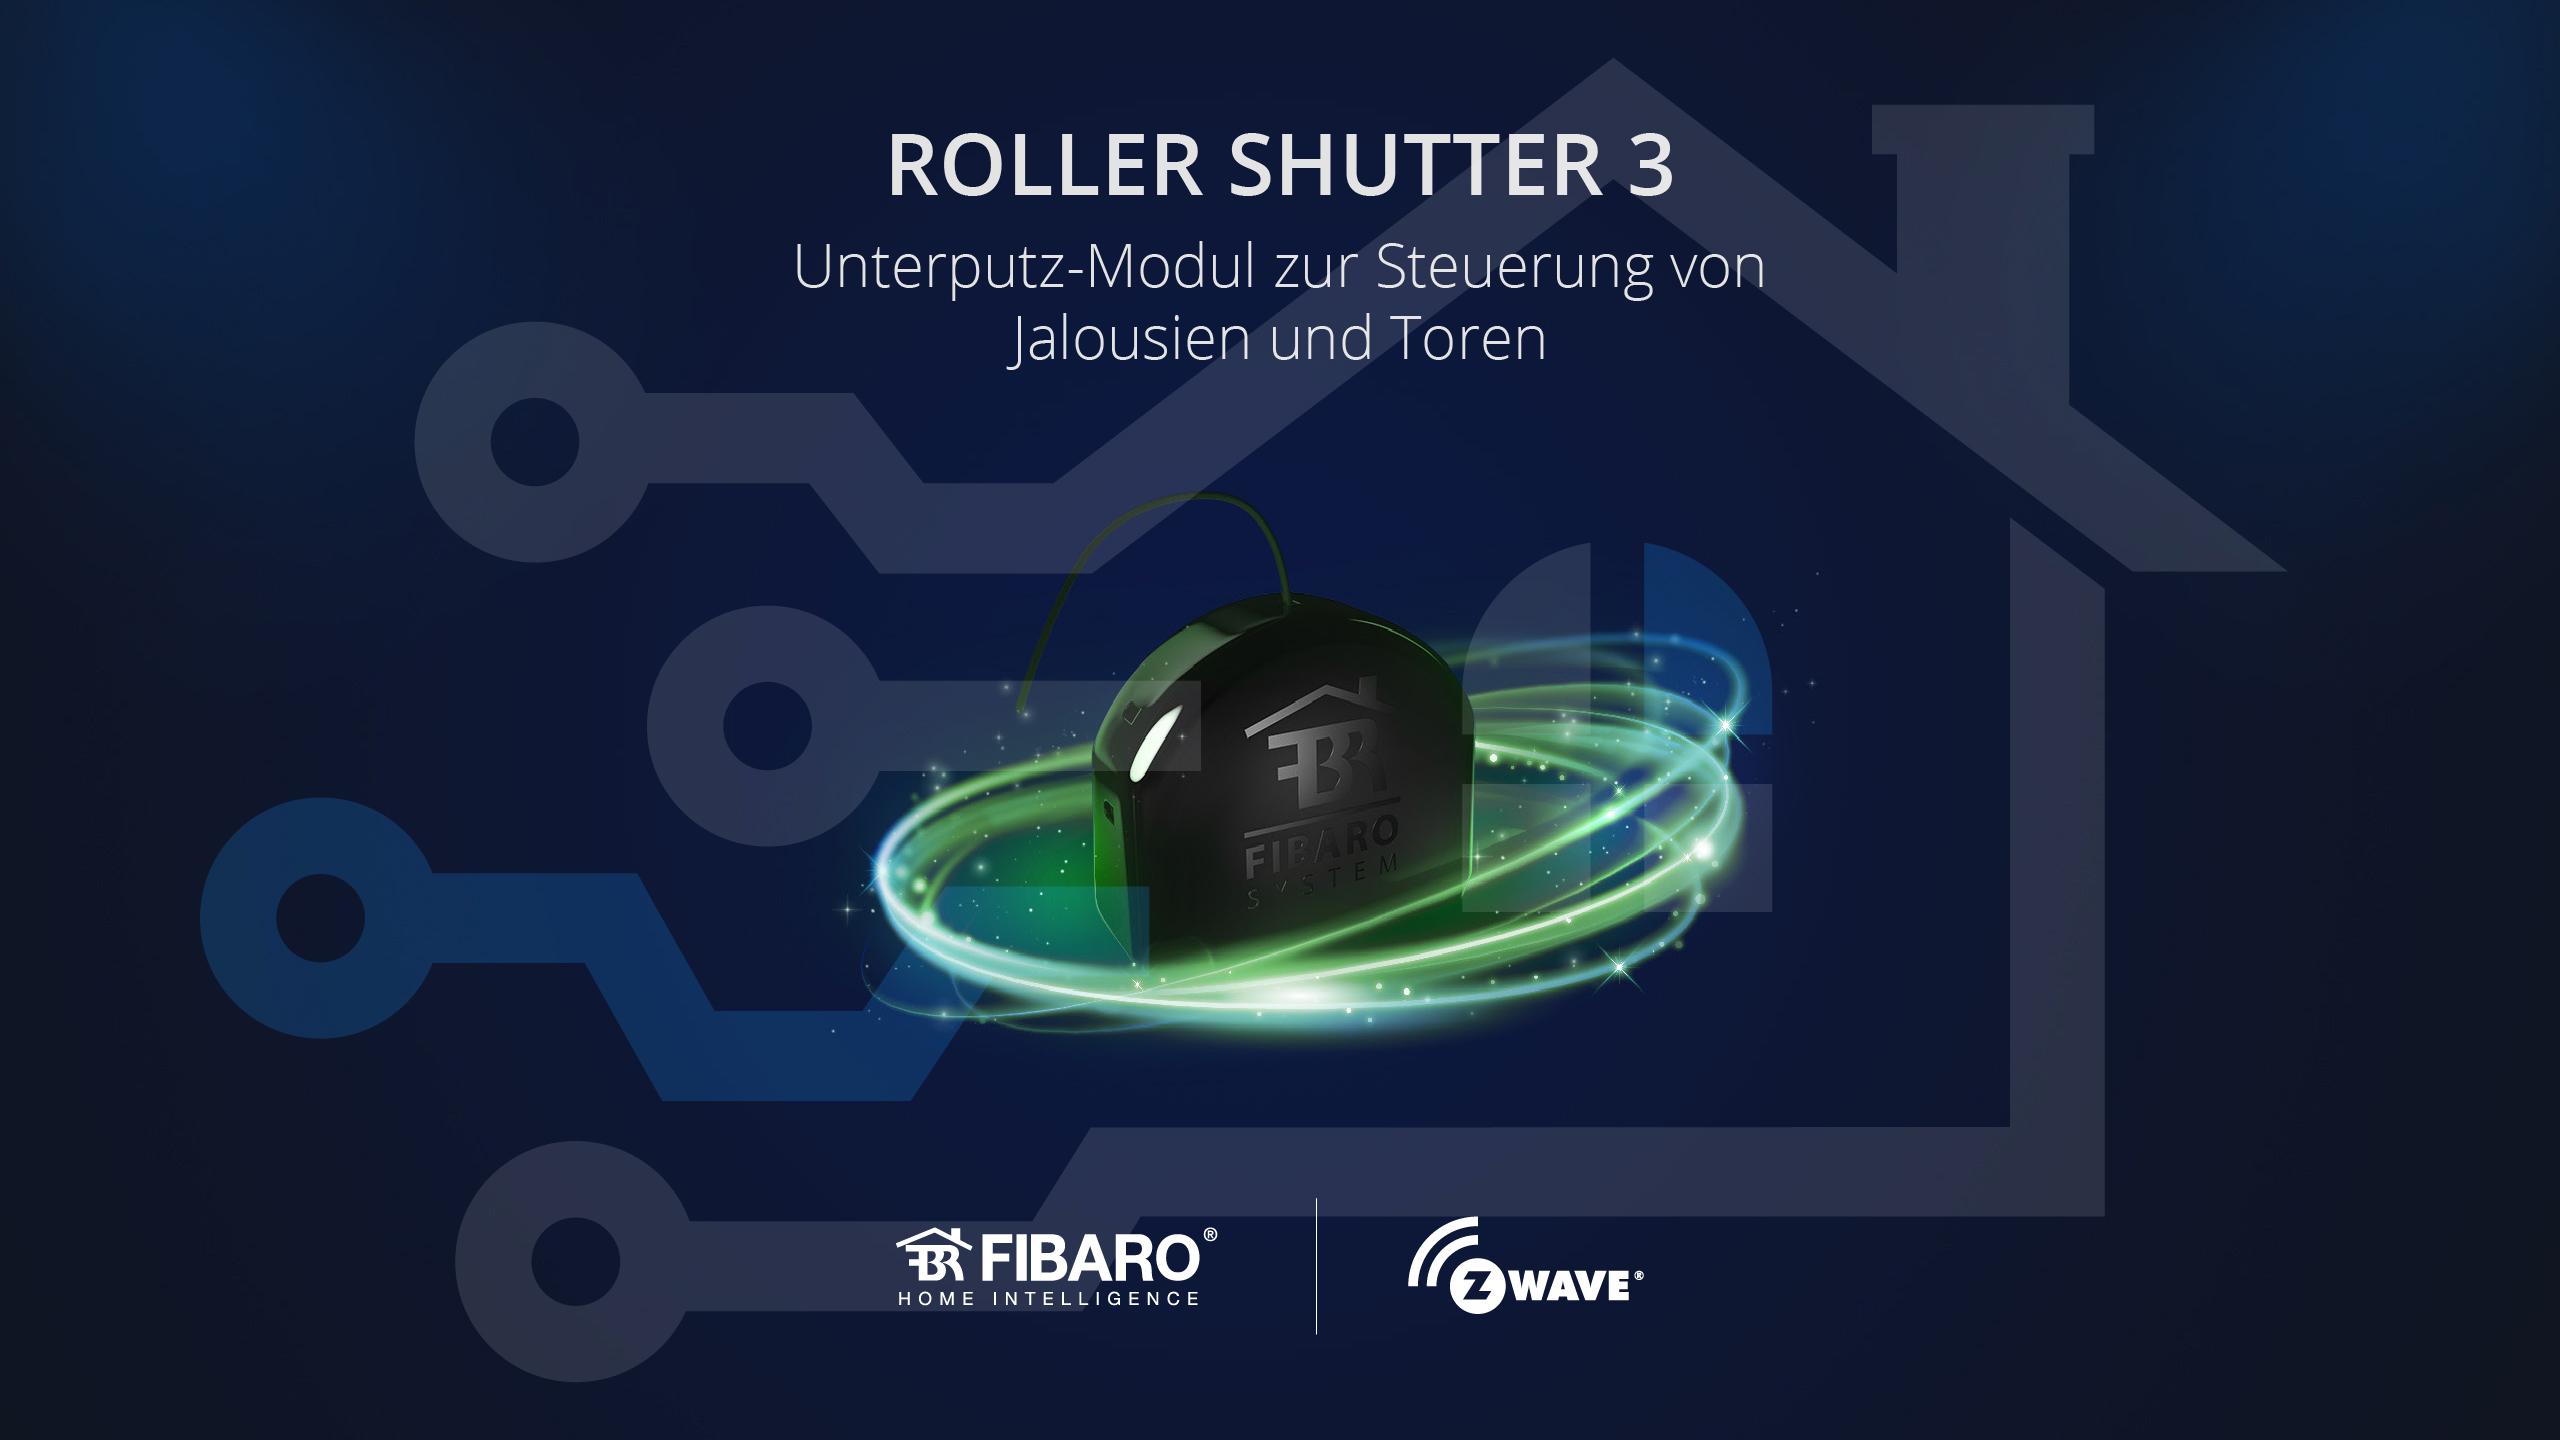 Roller_Shutter_3_Praesentation_ottosystem-01